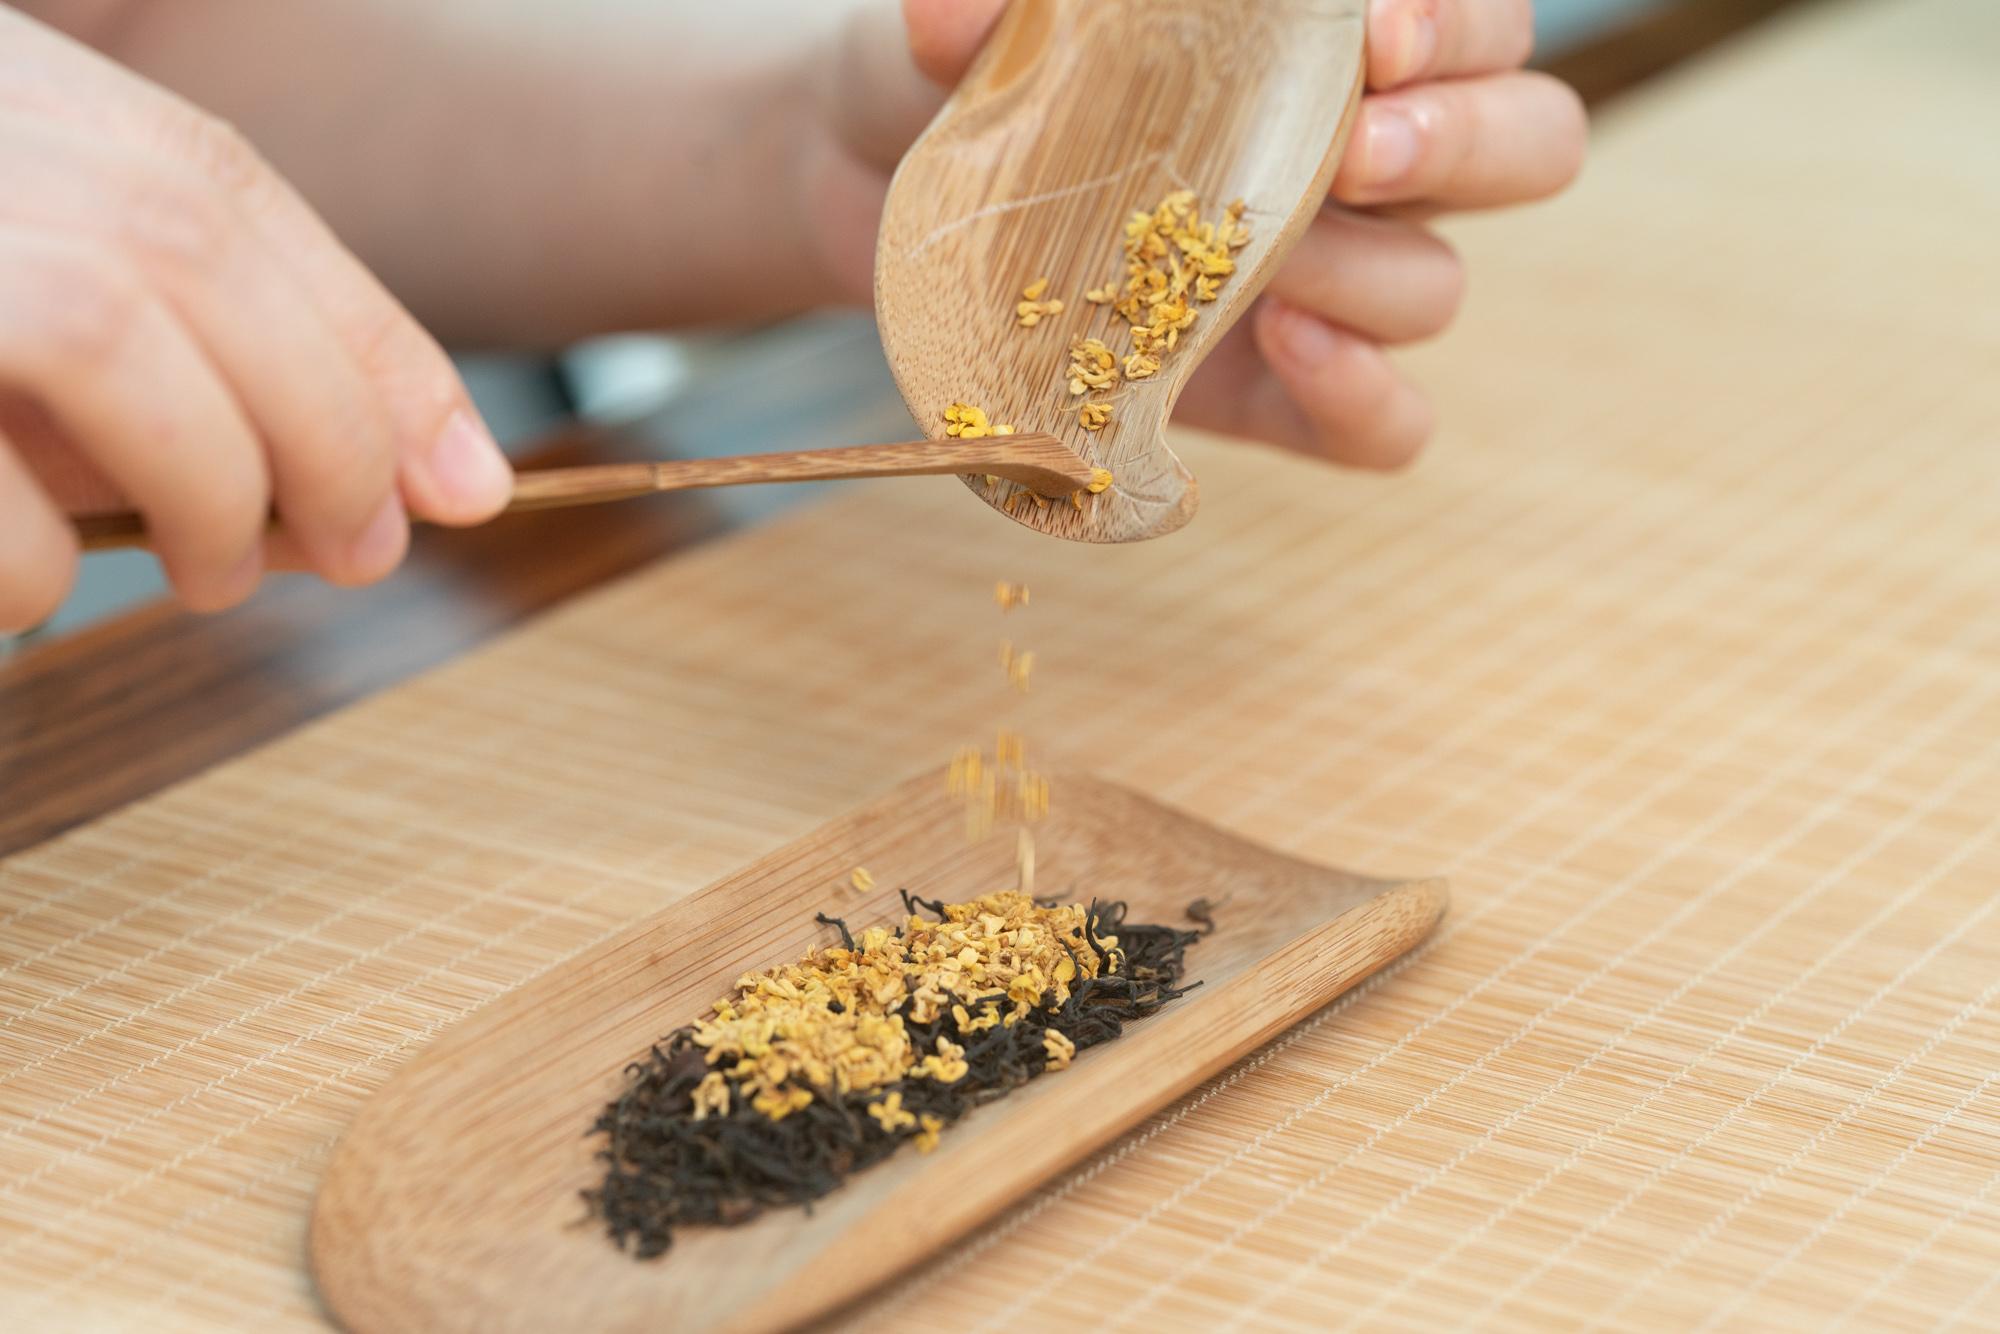 小喜年:饮桂花酒是中秋习俗,提前饮一杯桂花茶如何?